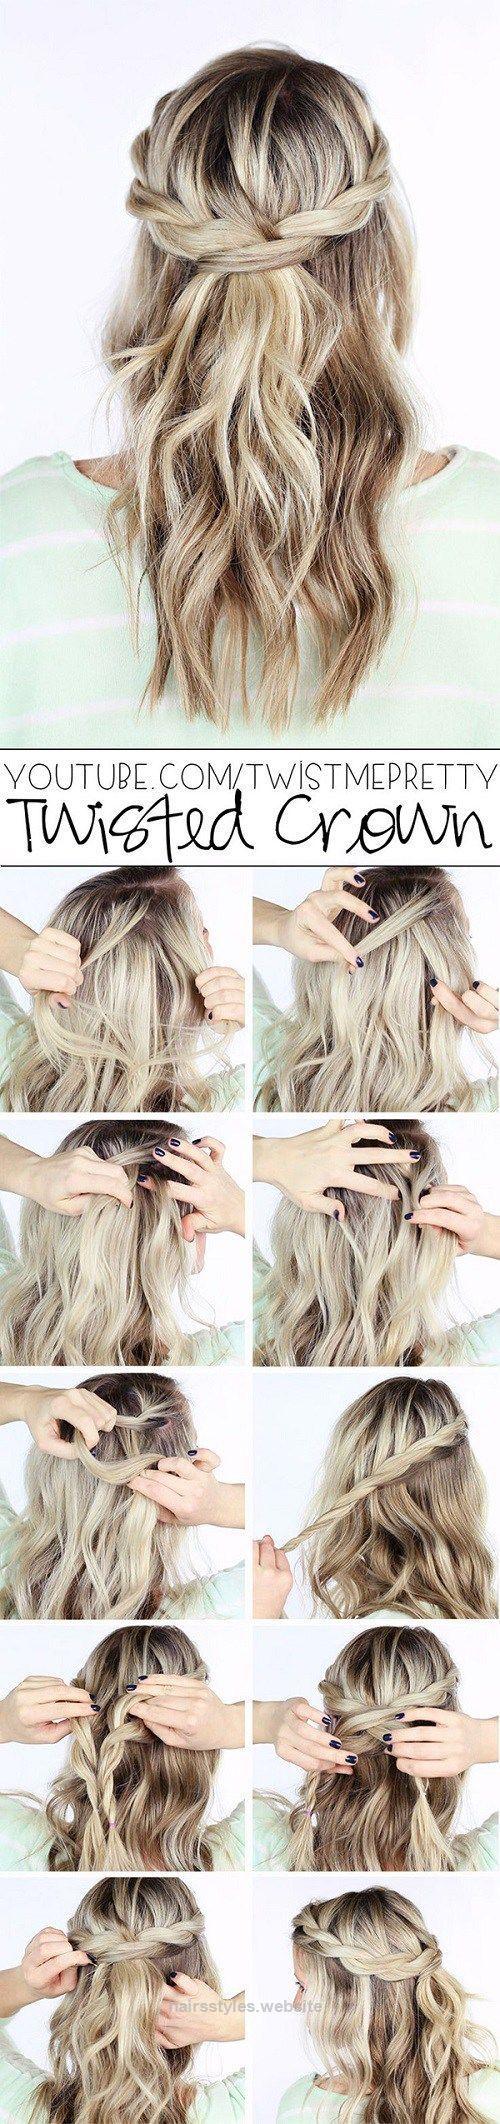 Incredible Hair Tutorials for Long Hair and Medium Length Hair rnbjunkiex.tumblr…  The post  Hair Tutorials for Long Hair and Medium Length Hair rnbjunkiex.tumblr……  appeared first on  Haircuts an ..